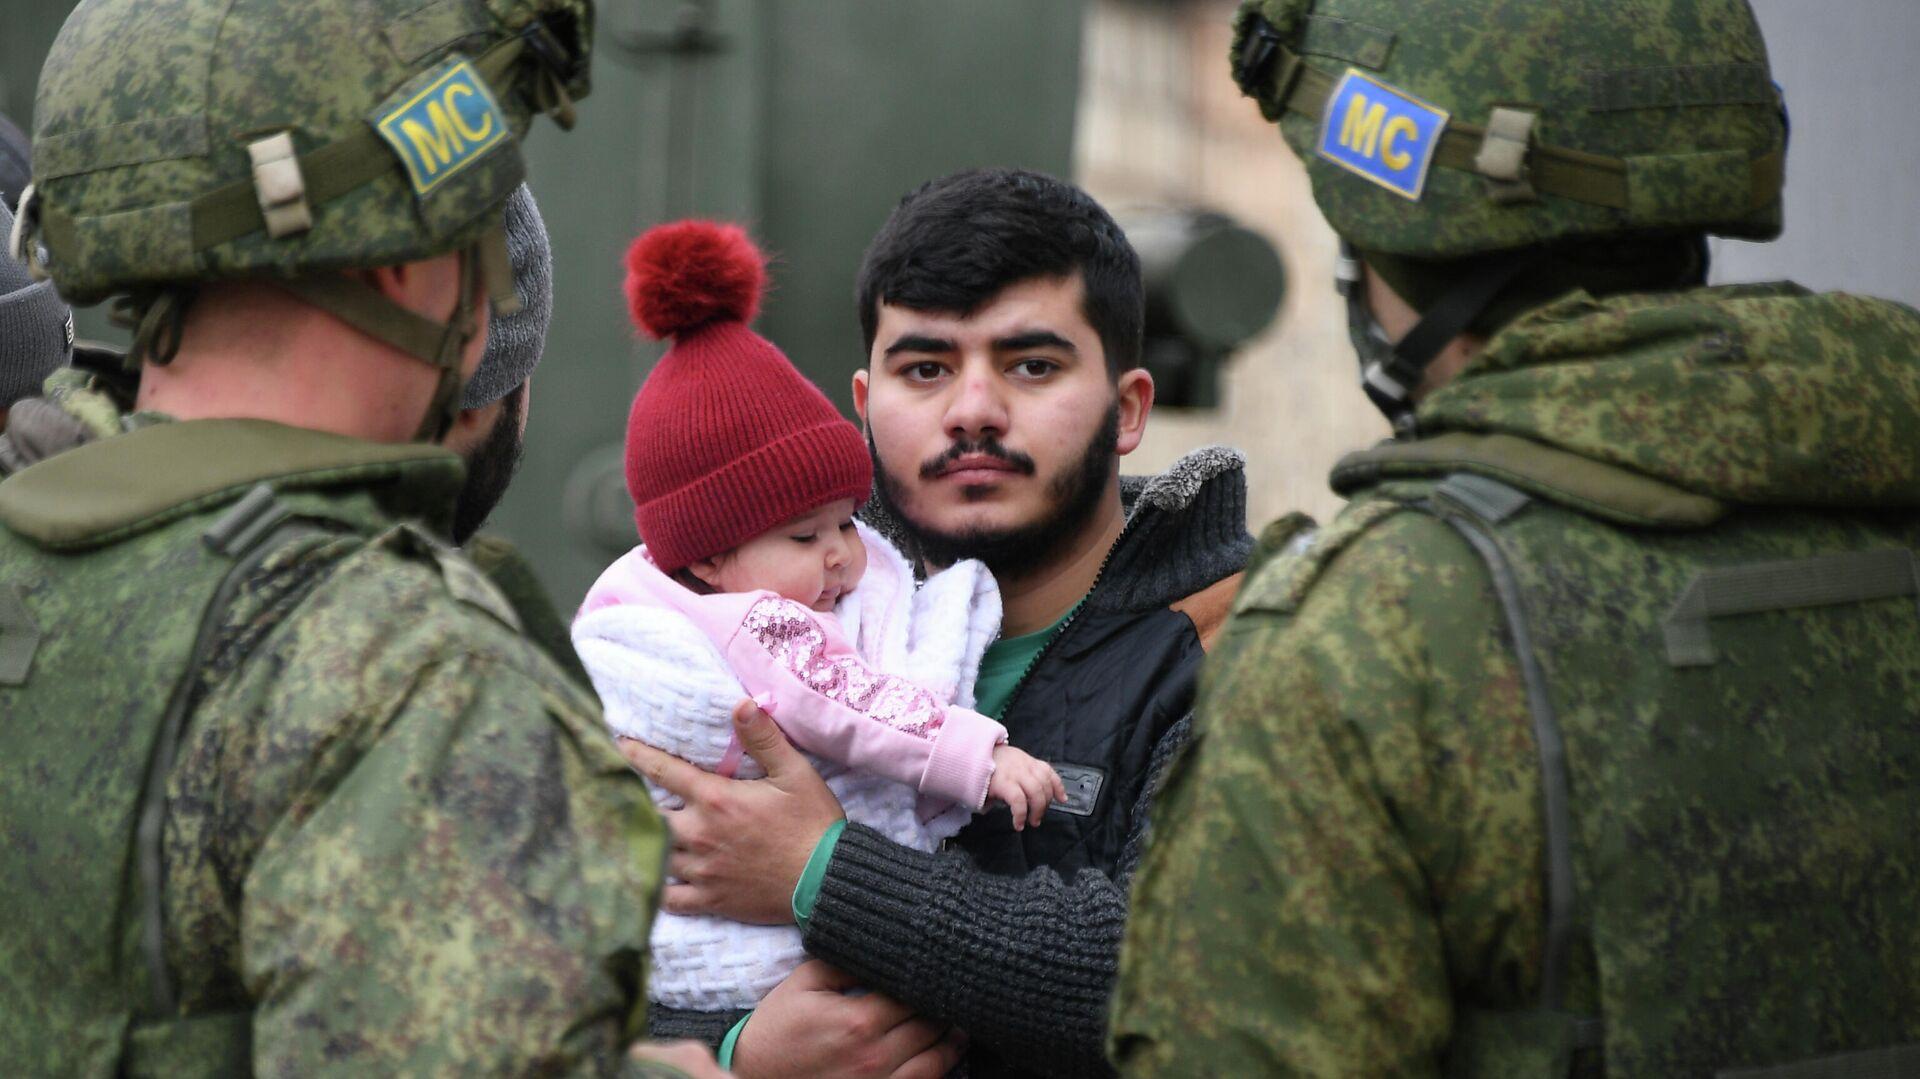 Мужчина с ребенком стоит рядом с российскими миротворцами - РИА Новости, 1920, 24.11.2020